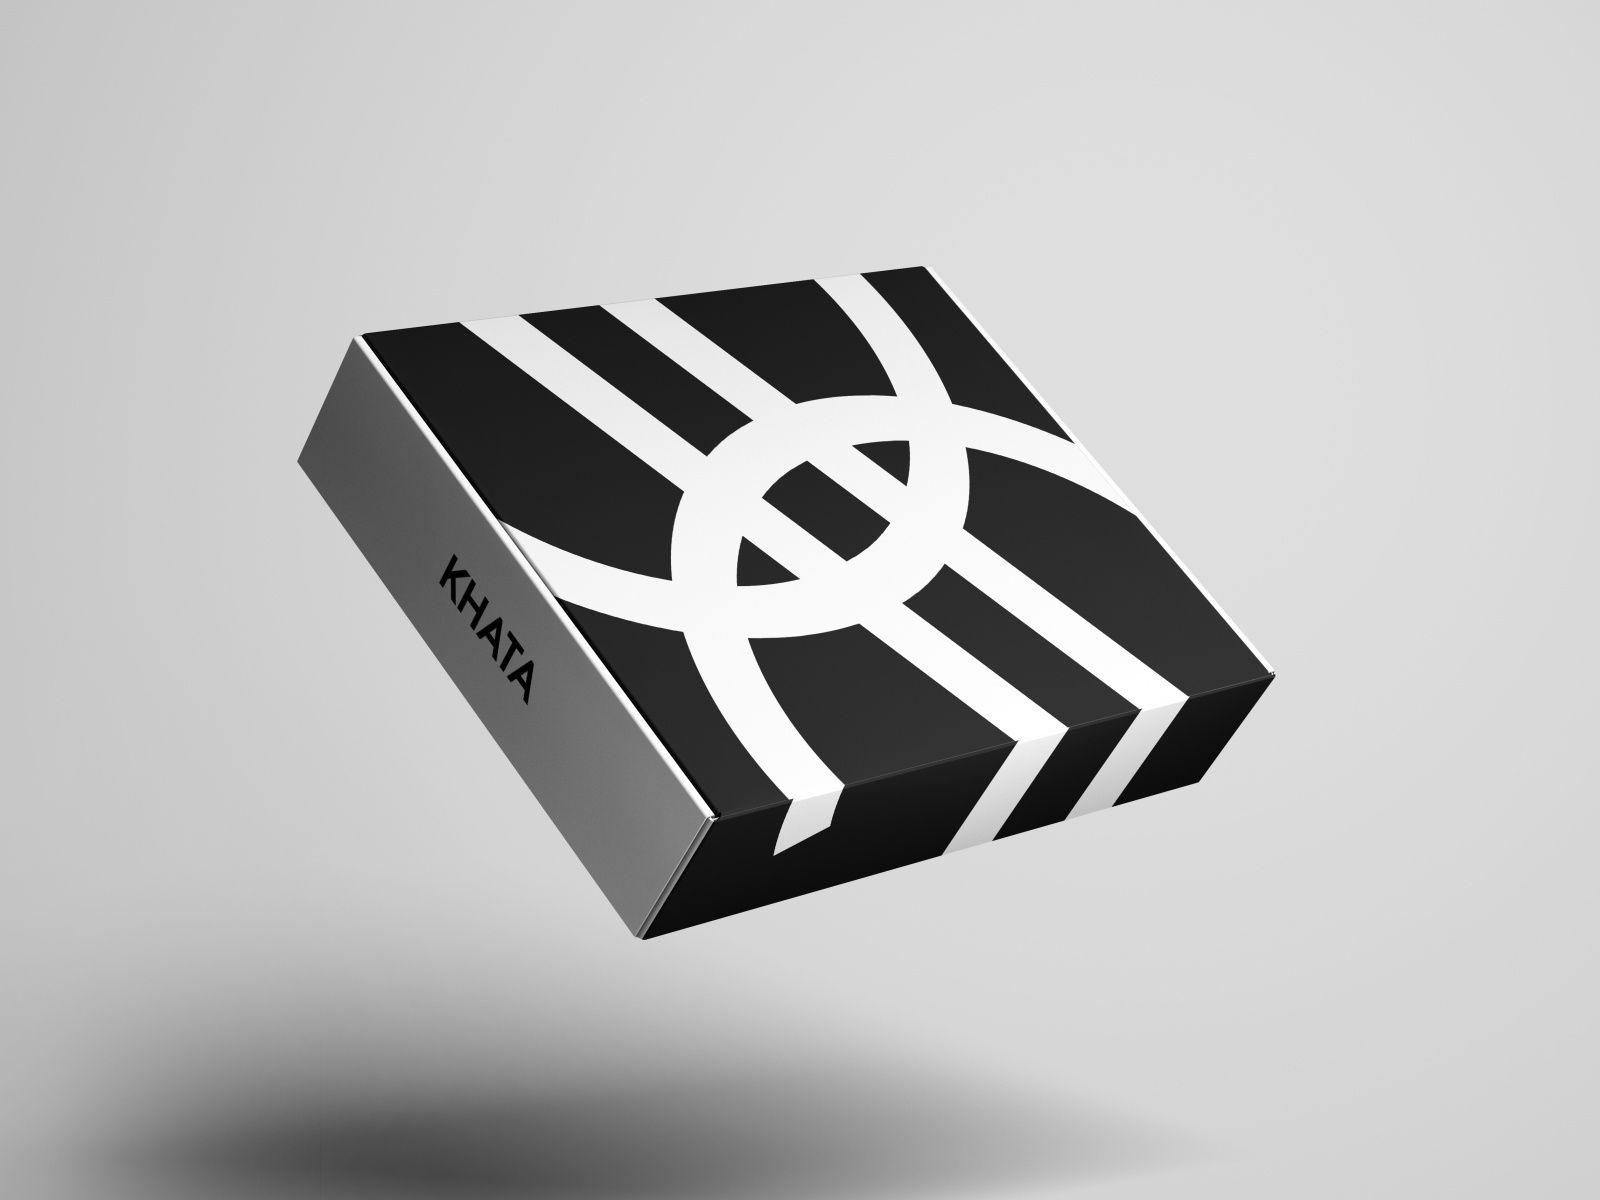 Download Khata Packaging Design Mockup Mockup Design Packaging Design Design